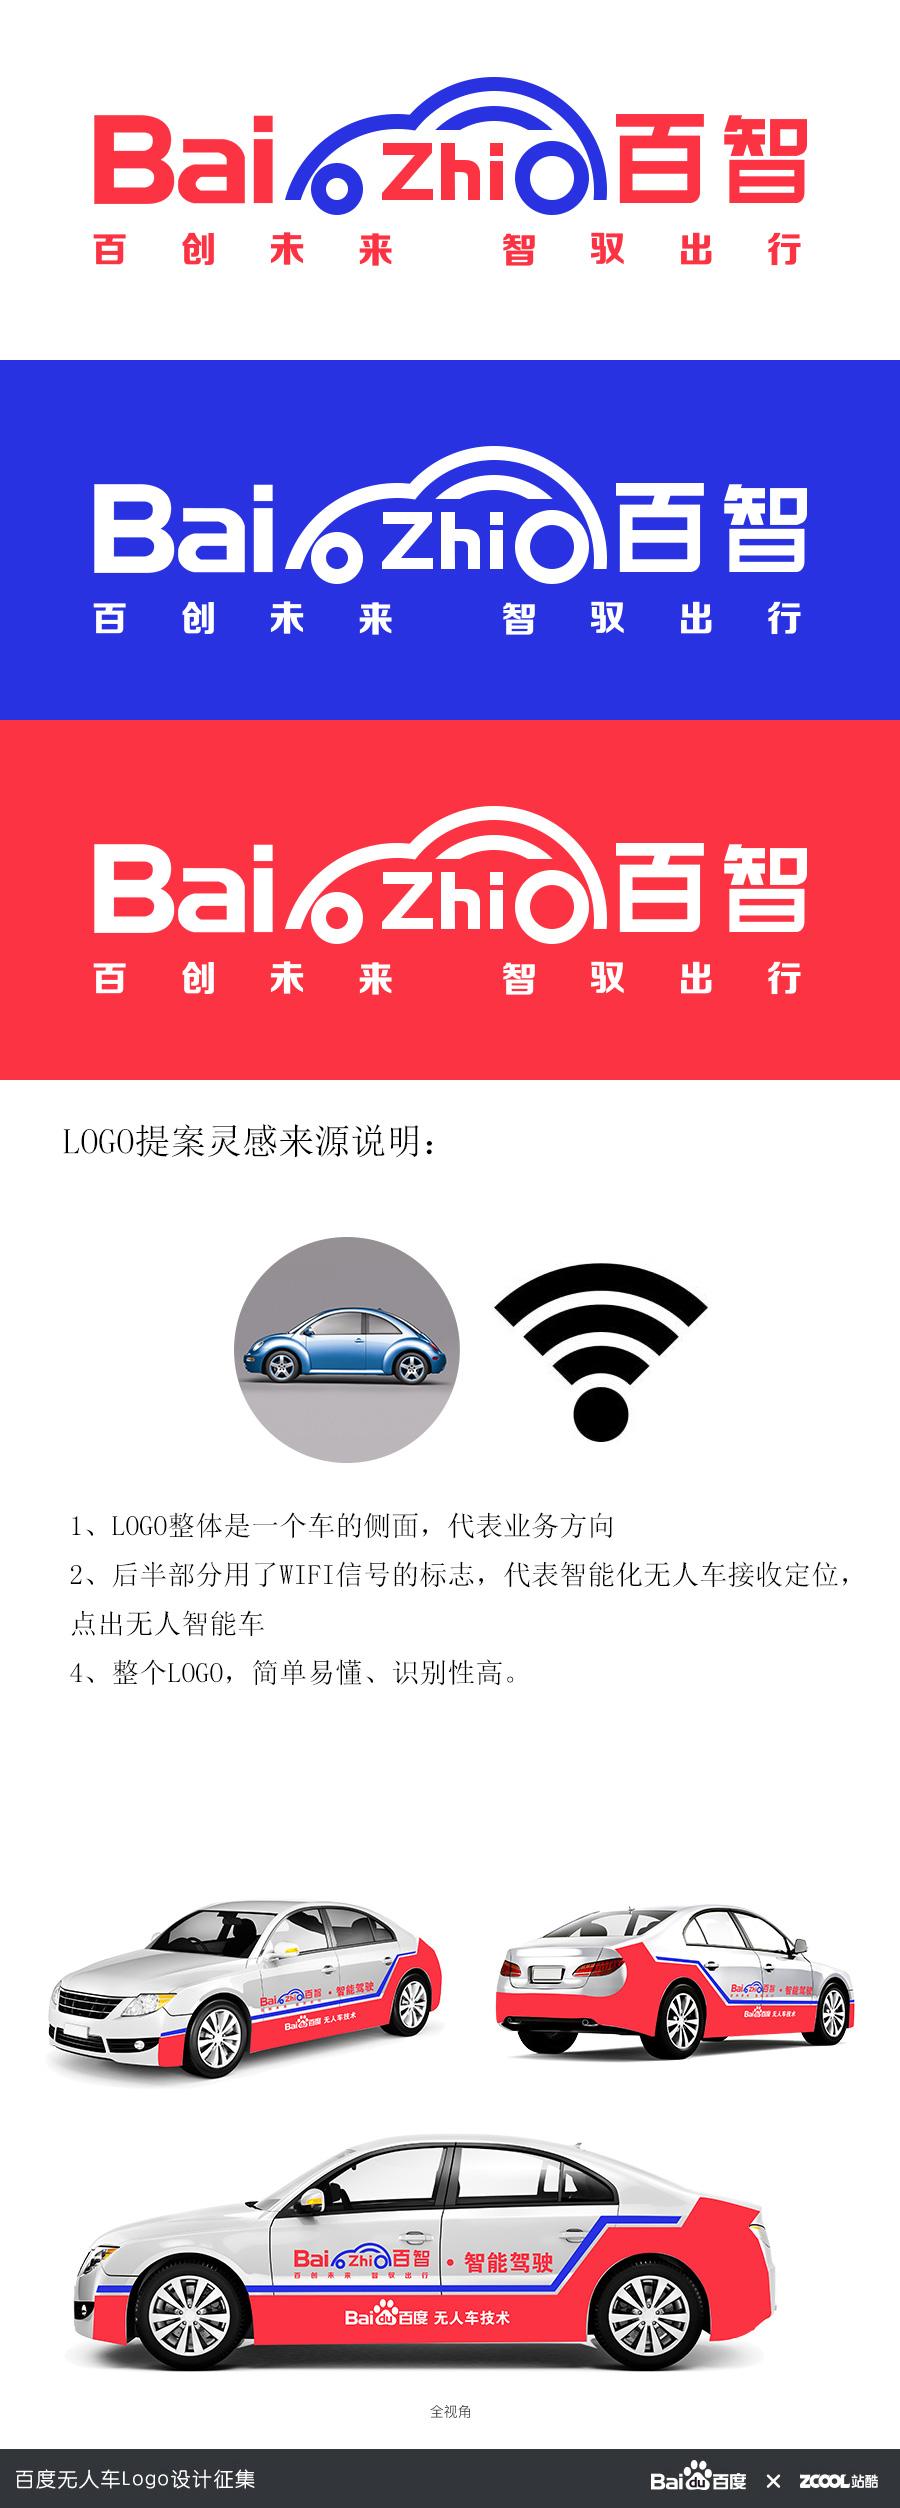 百度无人驾驶汽车logo-人·车·科技(四)|标志|平面